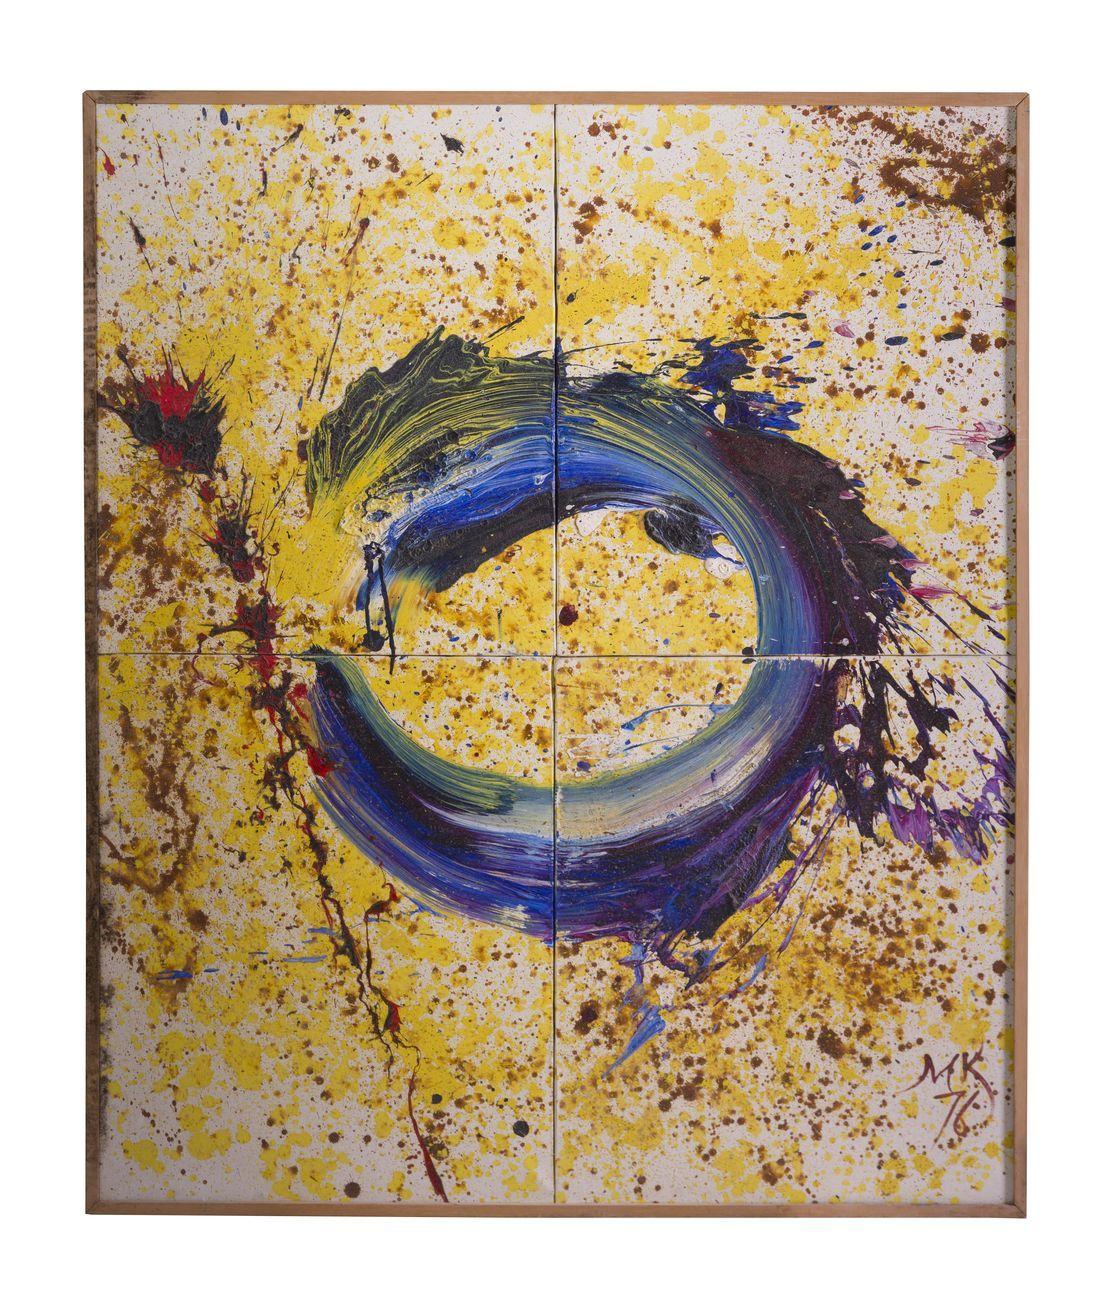 Mikhail Kulakov, Physical space 1, 1976